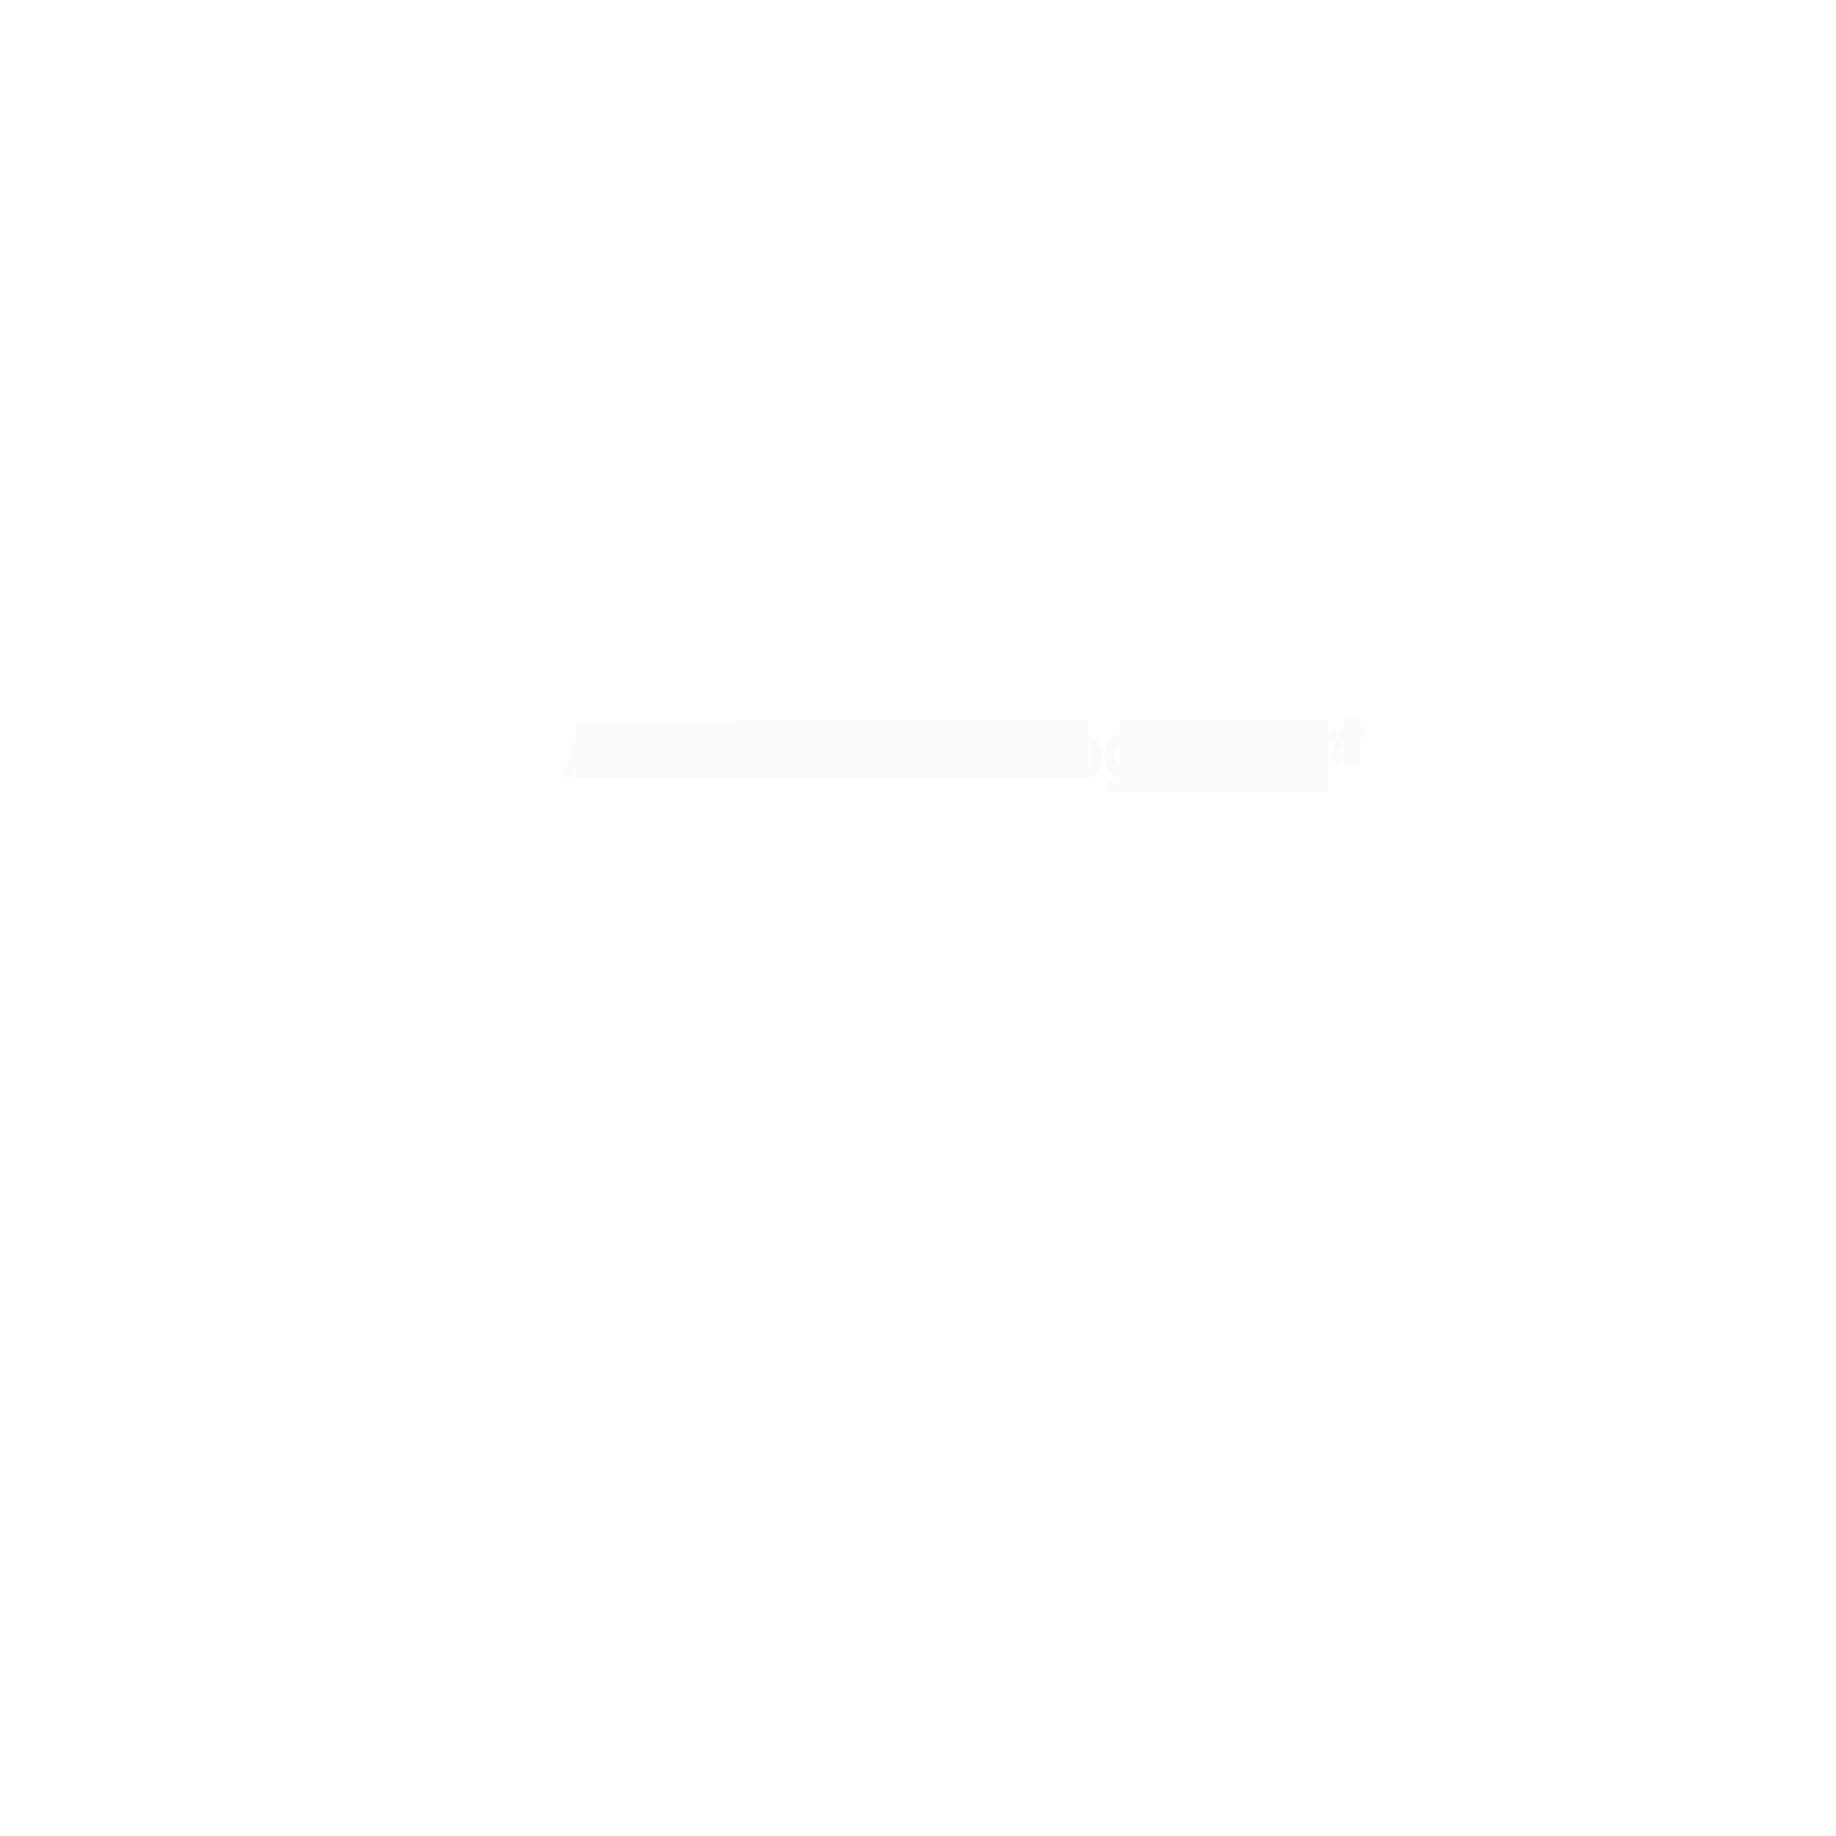 A.Kember Photograhpy